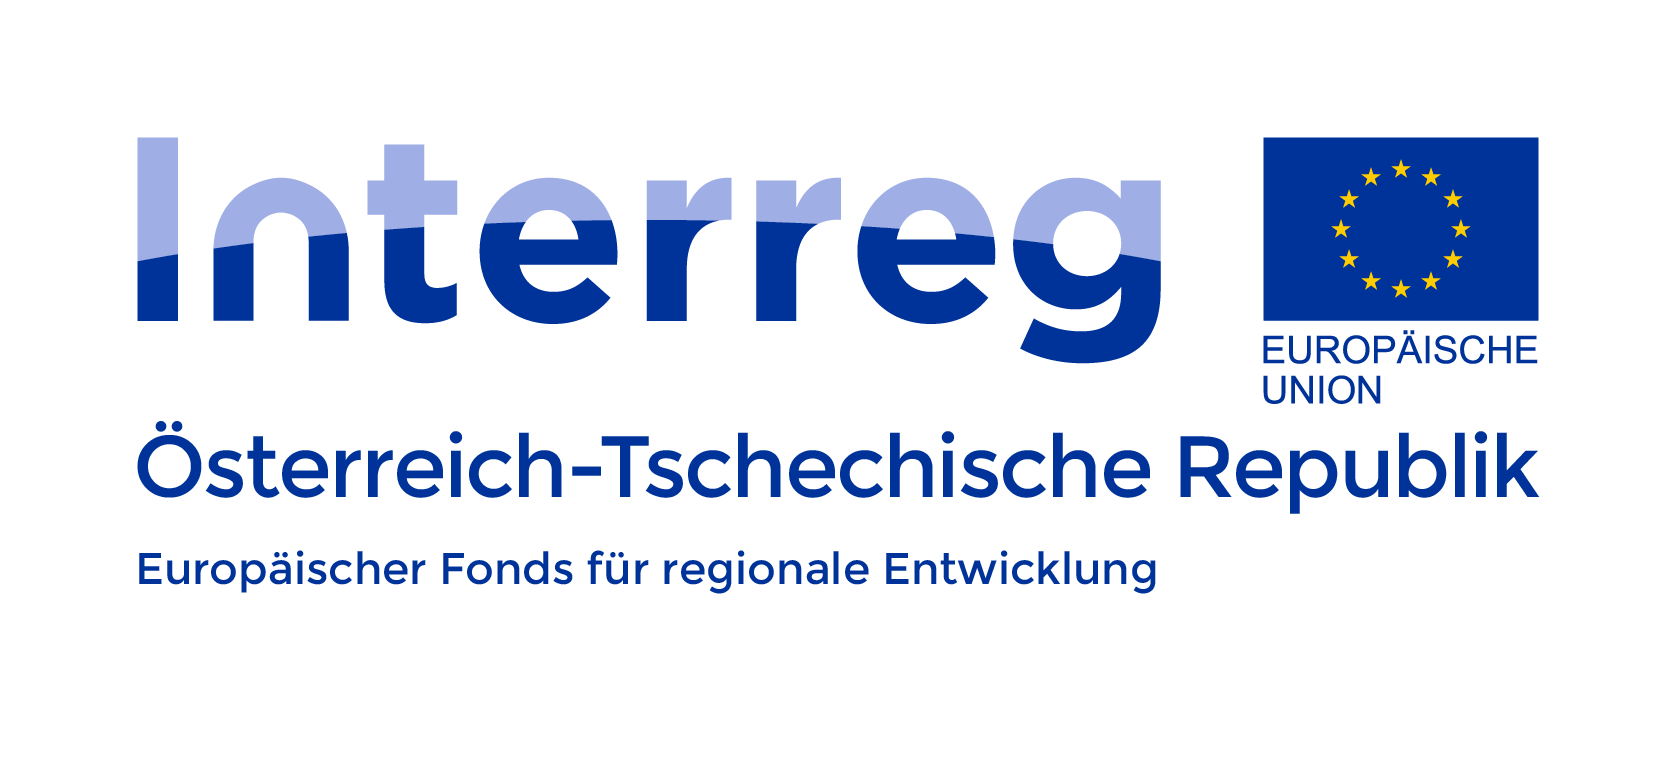 Interreg Österreich-Tschechische Republik